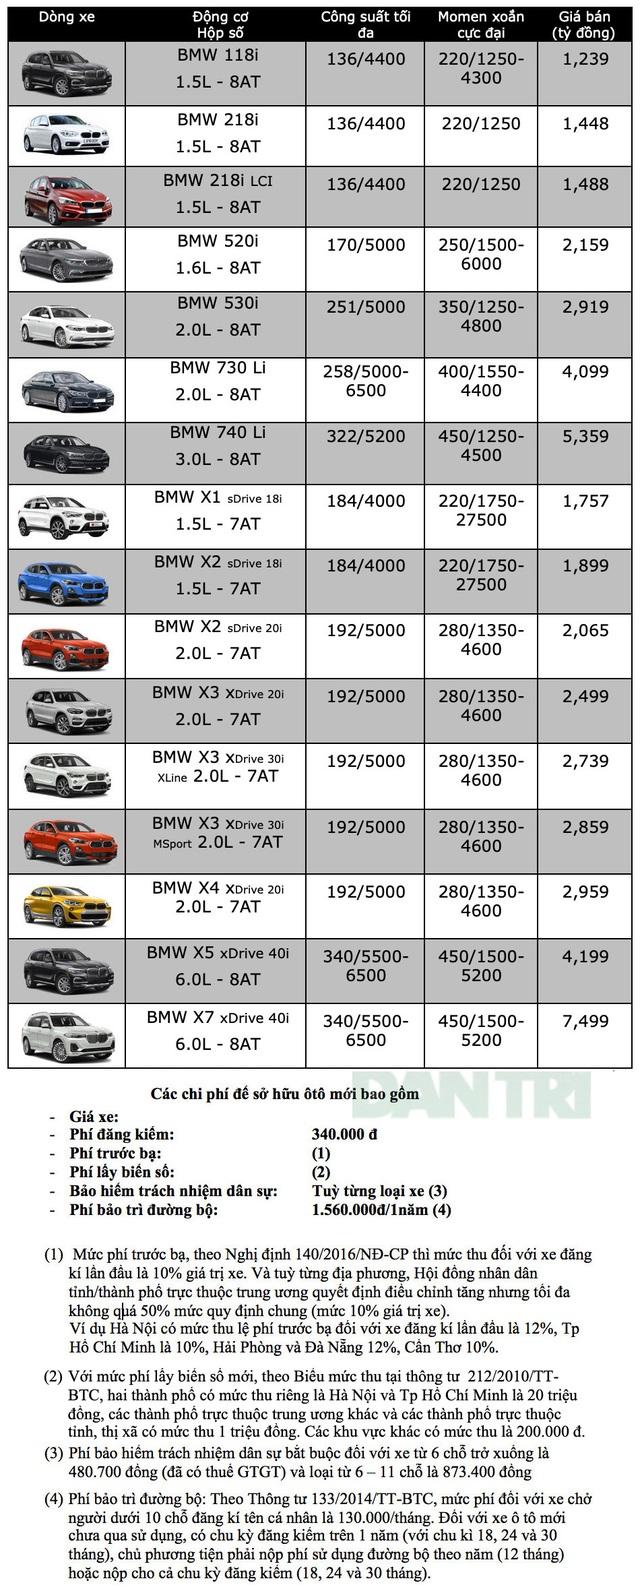 Bảng giá BMW tháng 11/2019 - 1